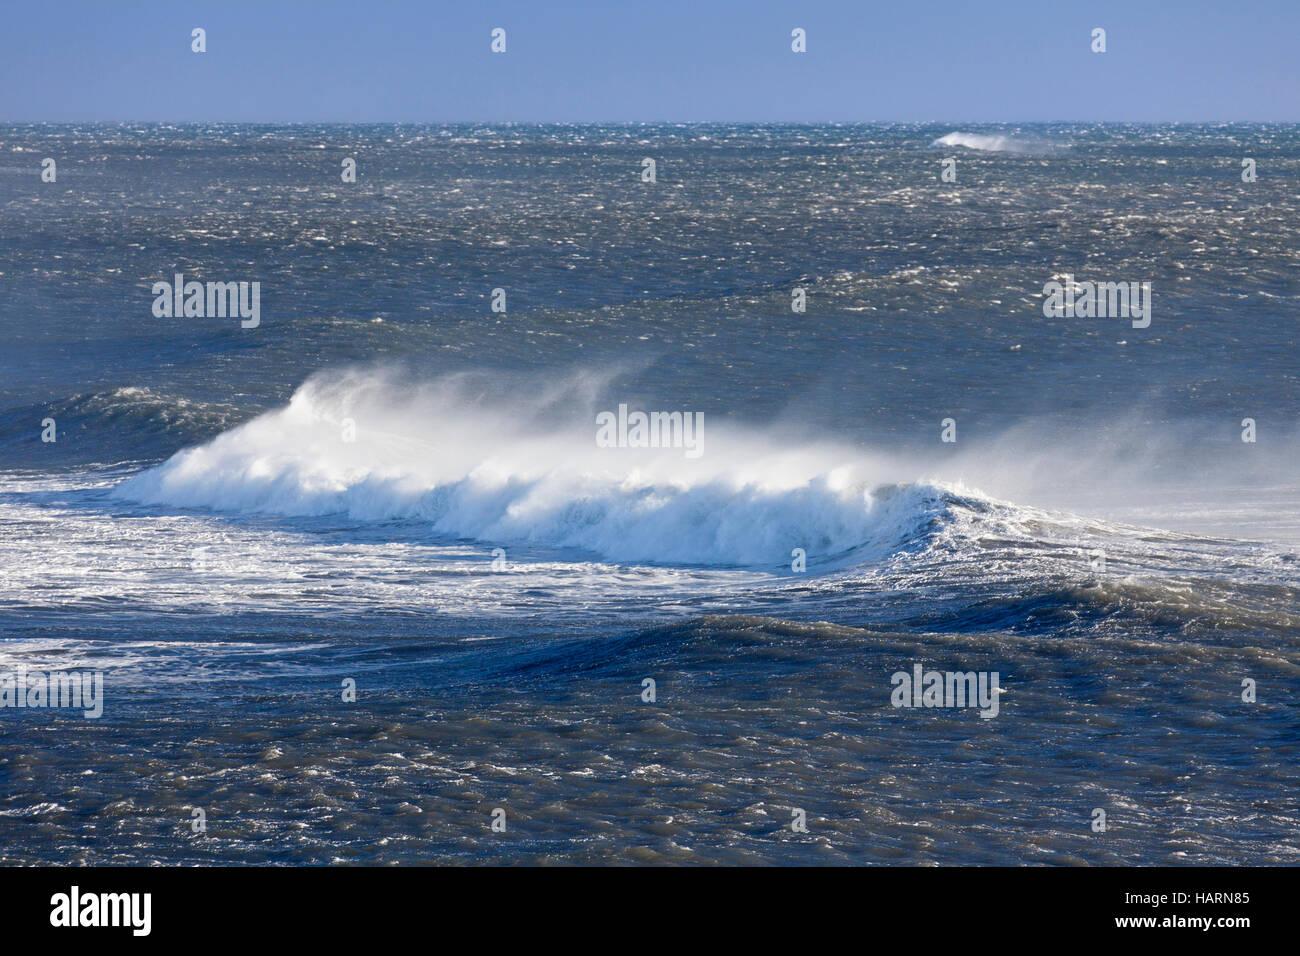 Cresta d'onda al mare Artico mostra airborne spray e spindrift a causa di forti venti Immagini Stock